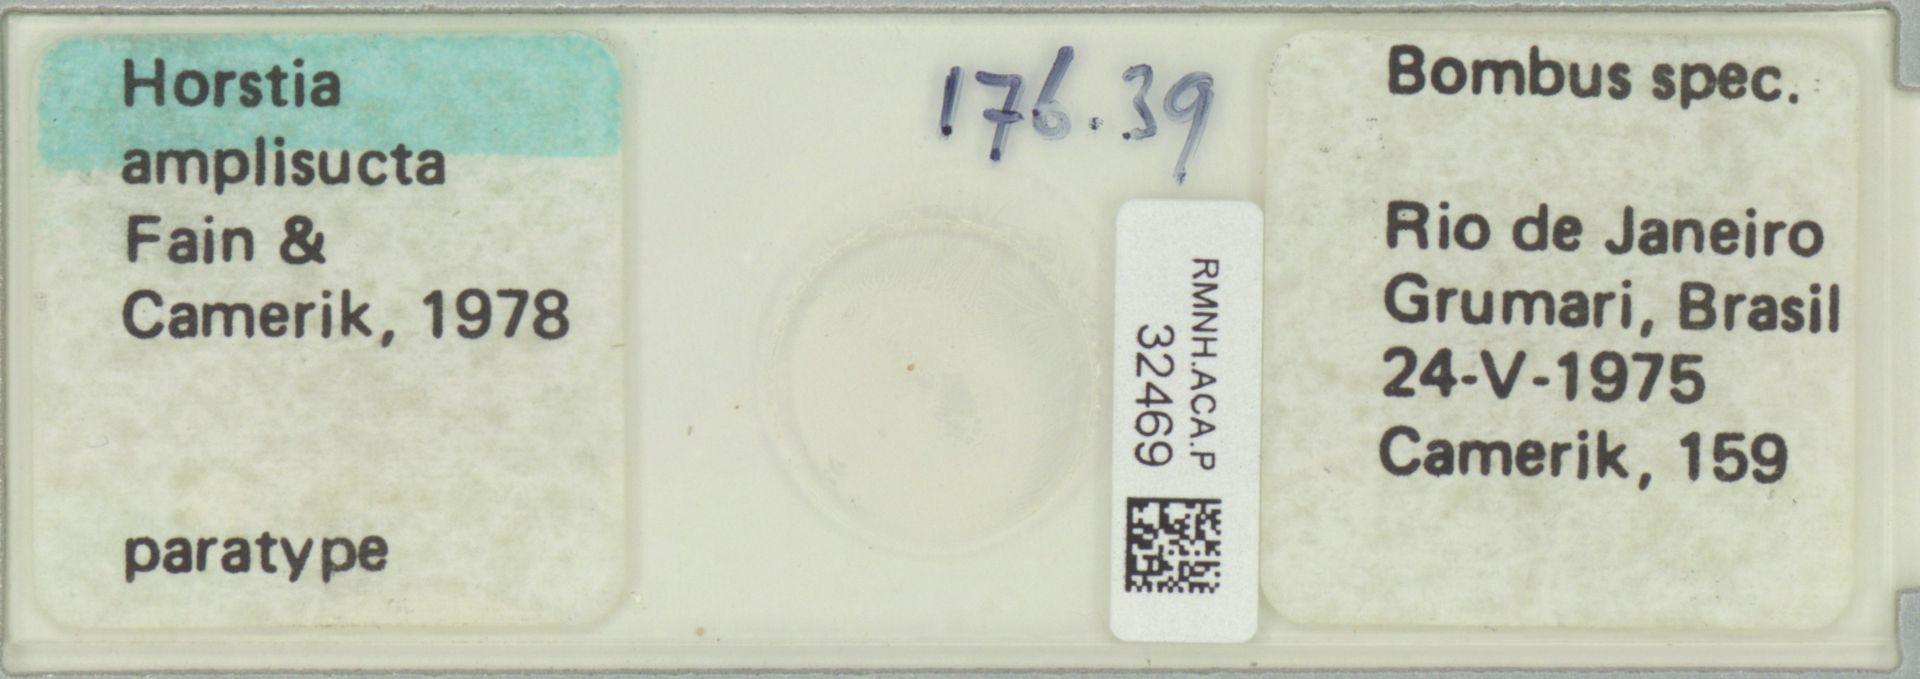 RMNH.ACA.P.32469 | Horstia amplisucta Fain & Camerik 1978